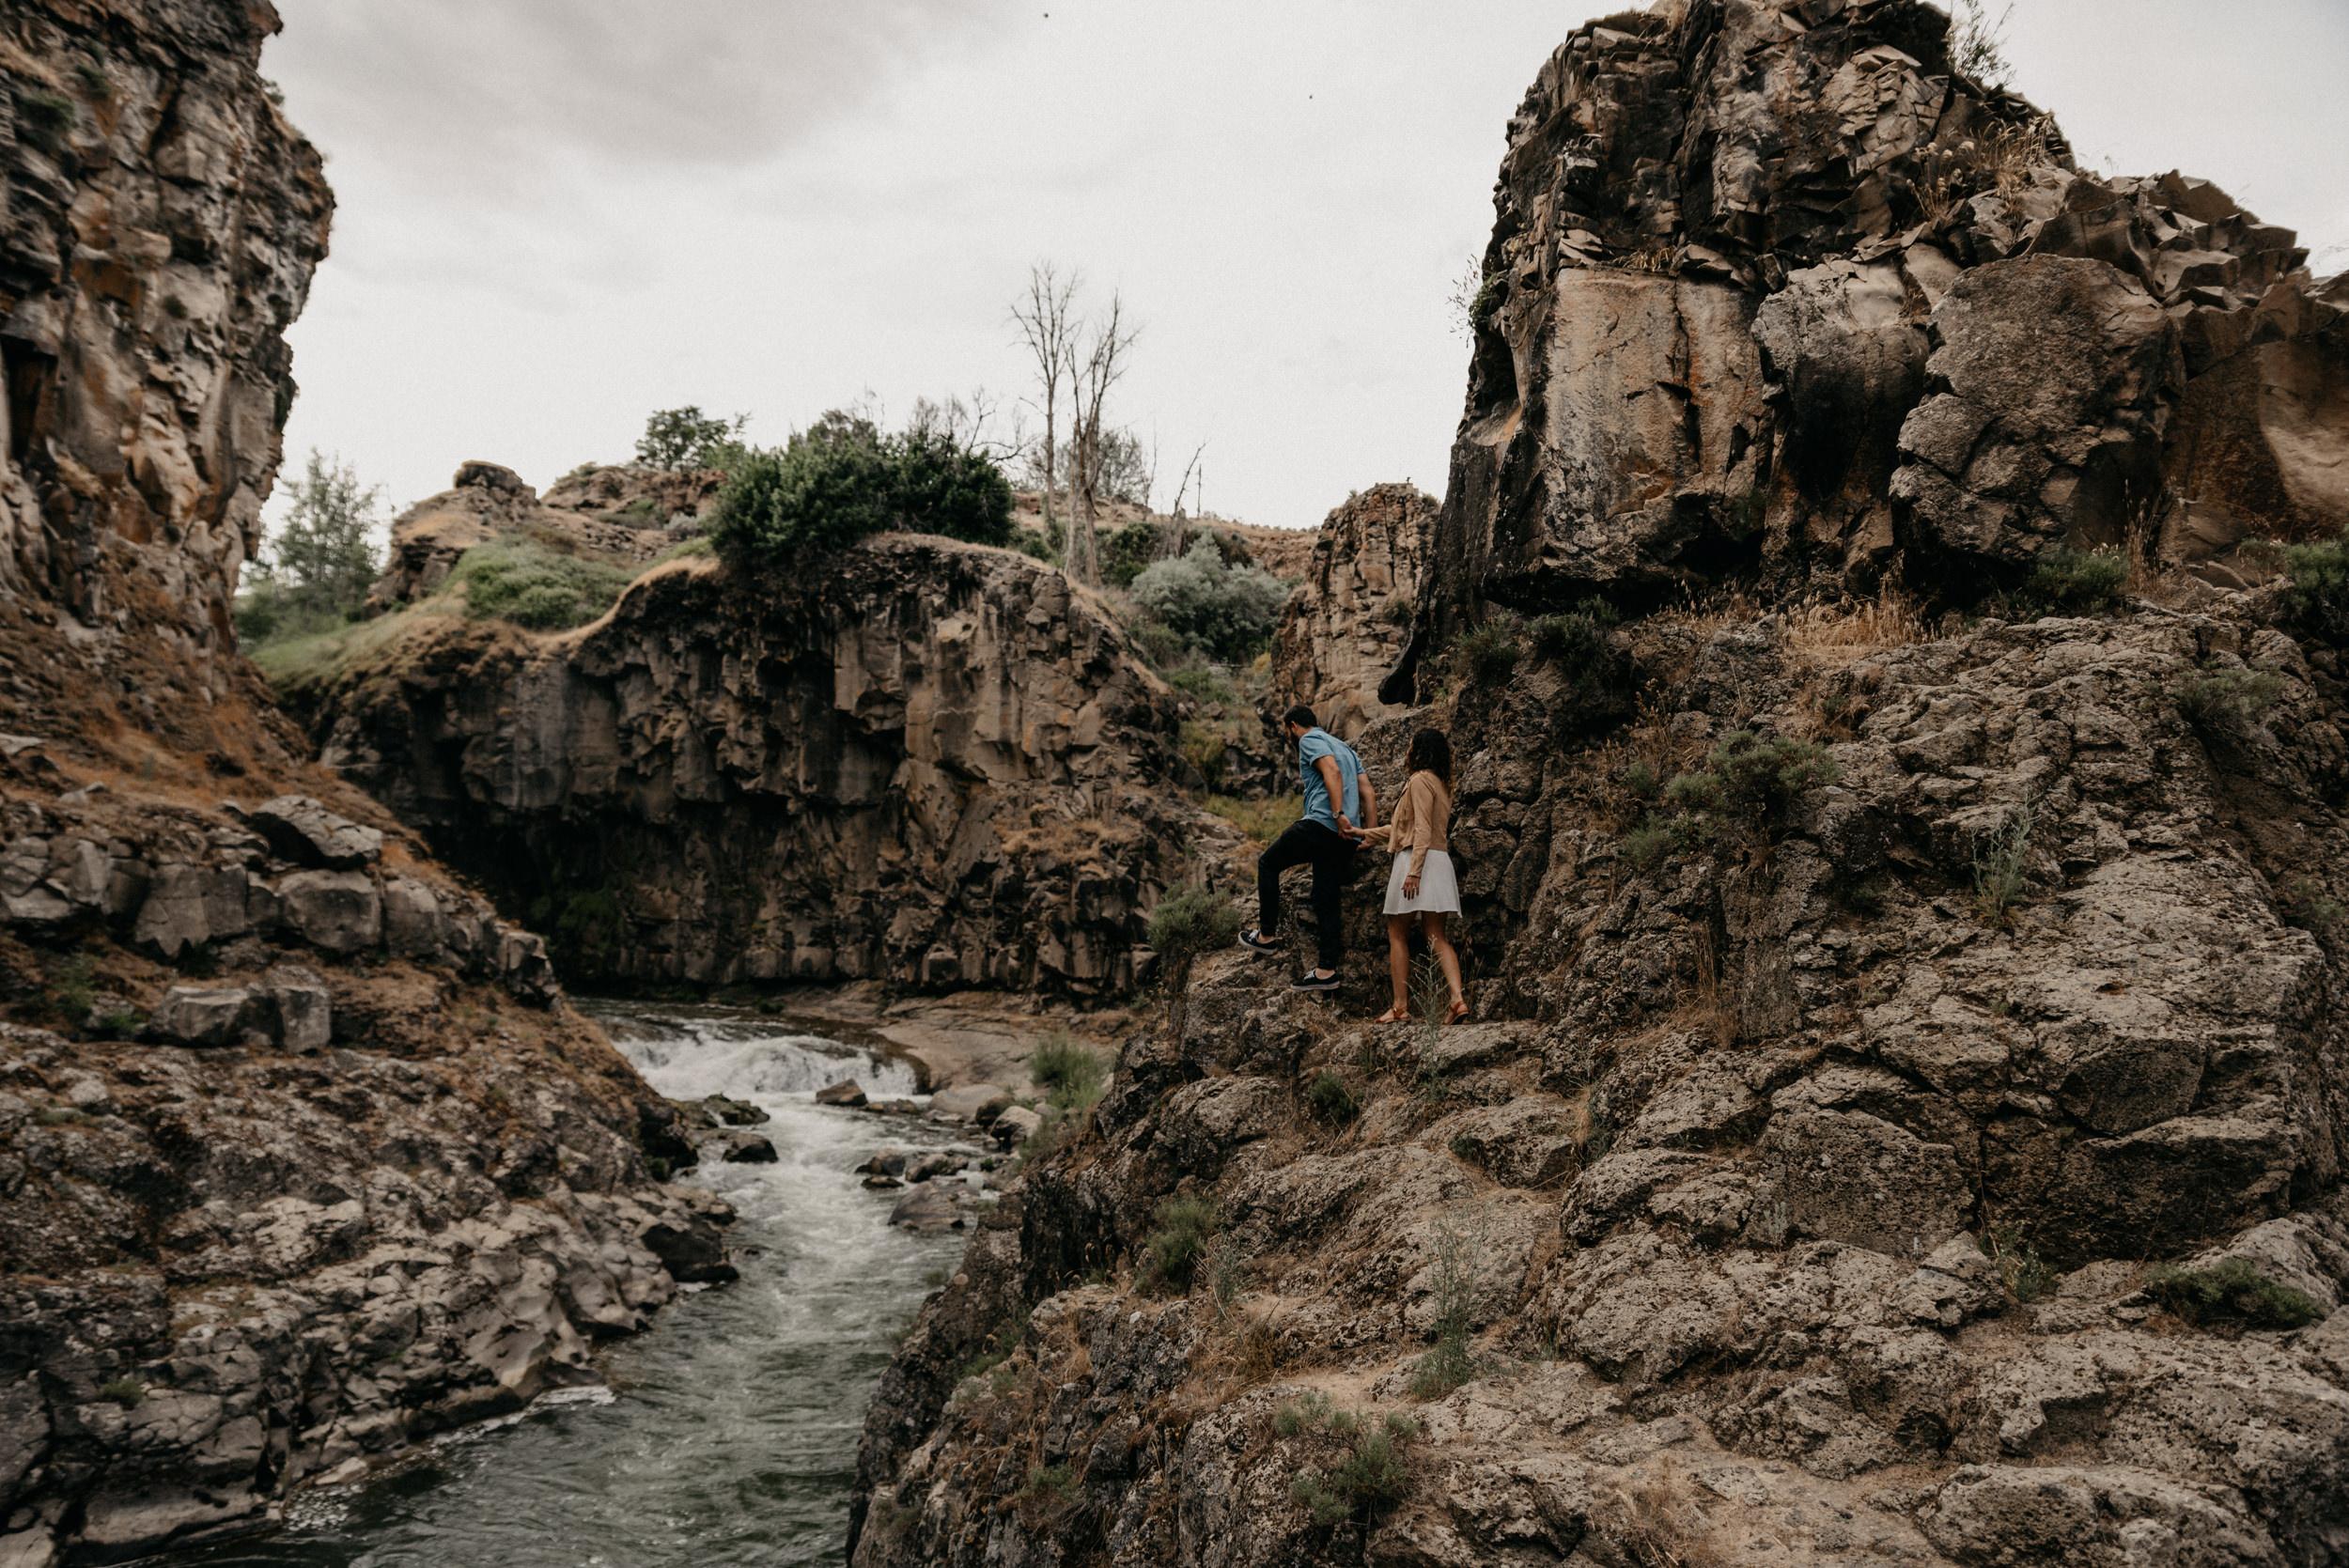 5-White-river-falls-state-park-engagement-5565.jpg